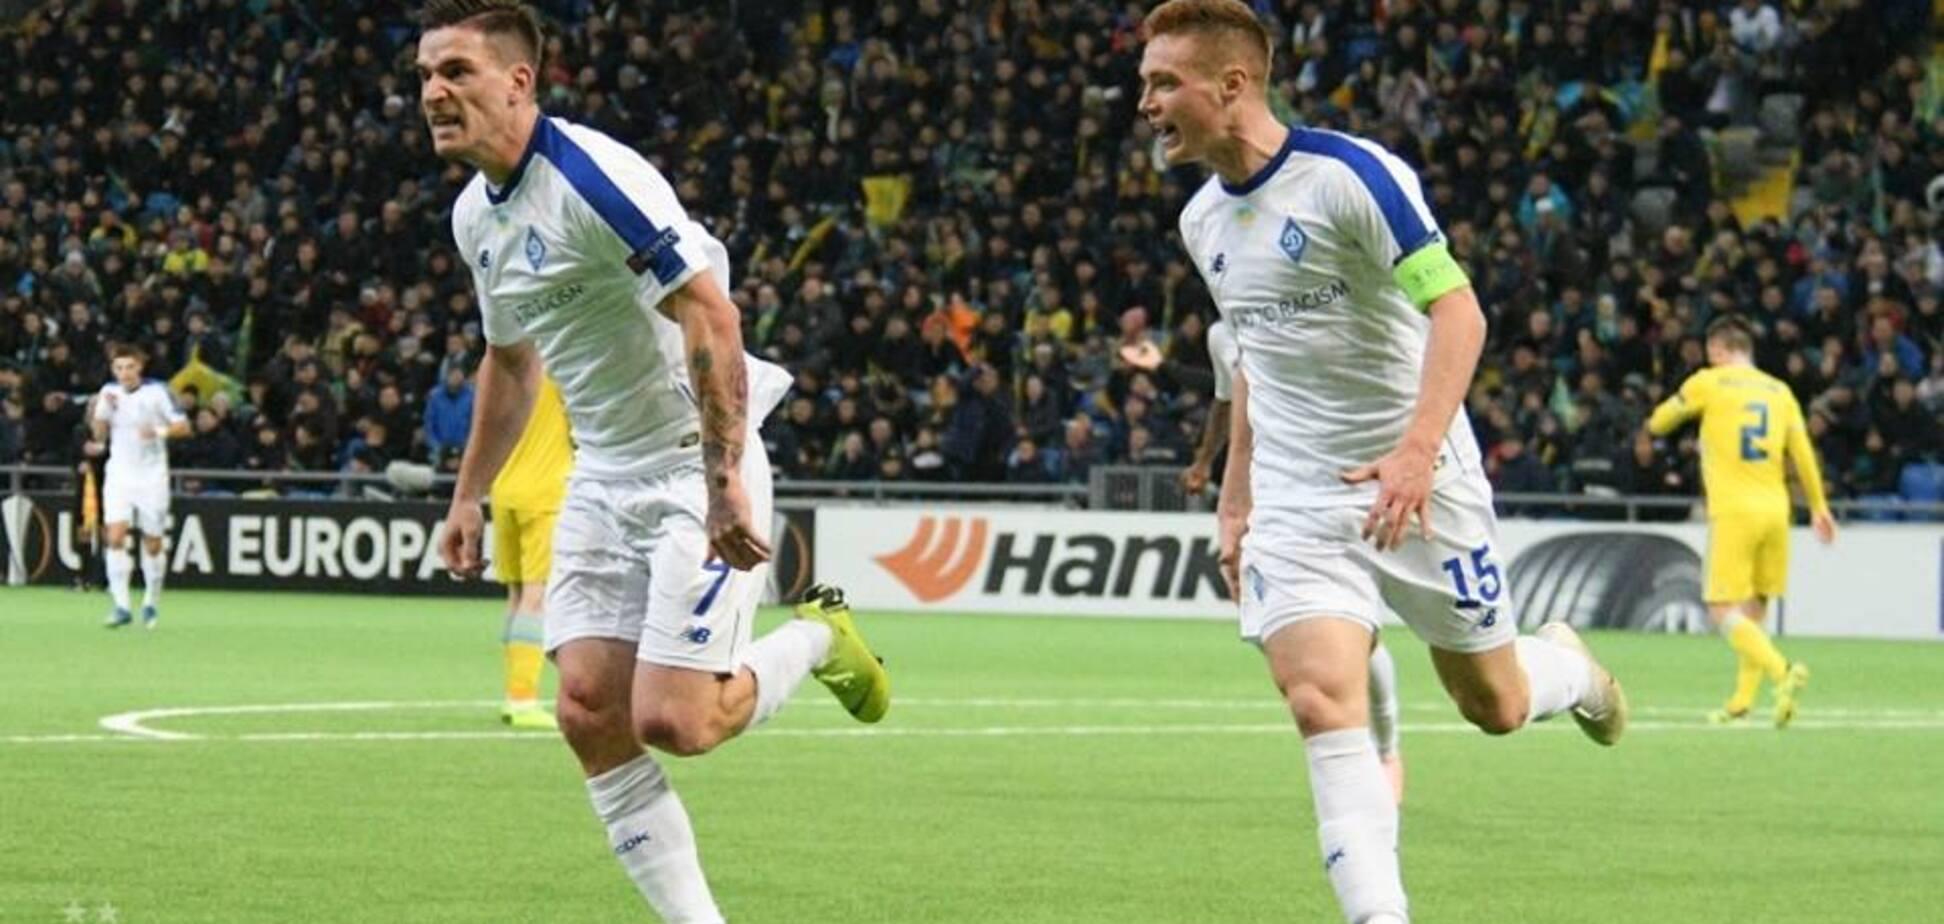 Достроковий та геройський плей-офф 'Динамо': Україна в 5-му турі Ліги Європи